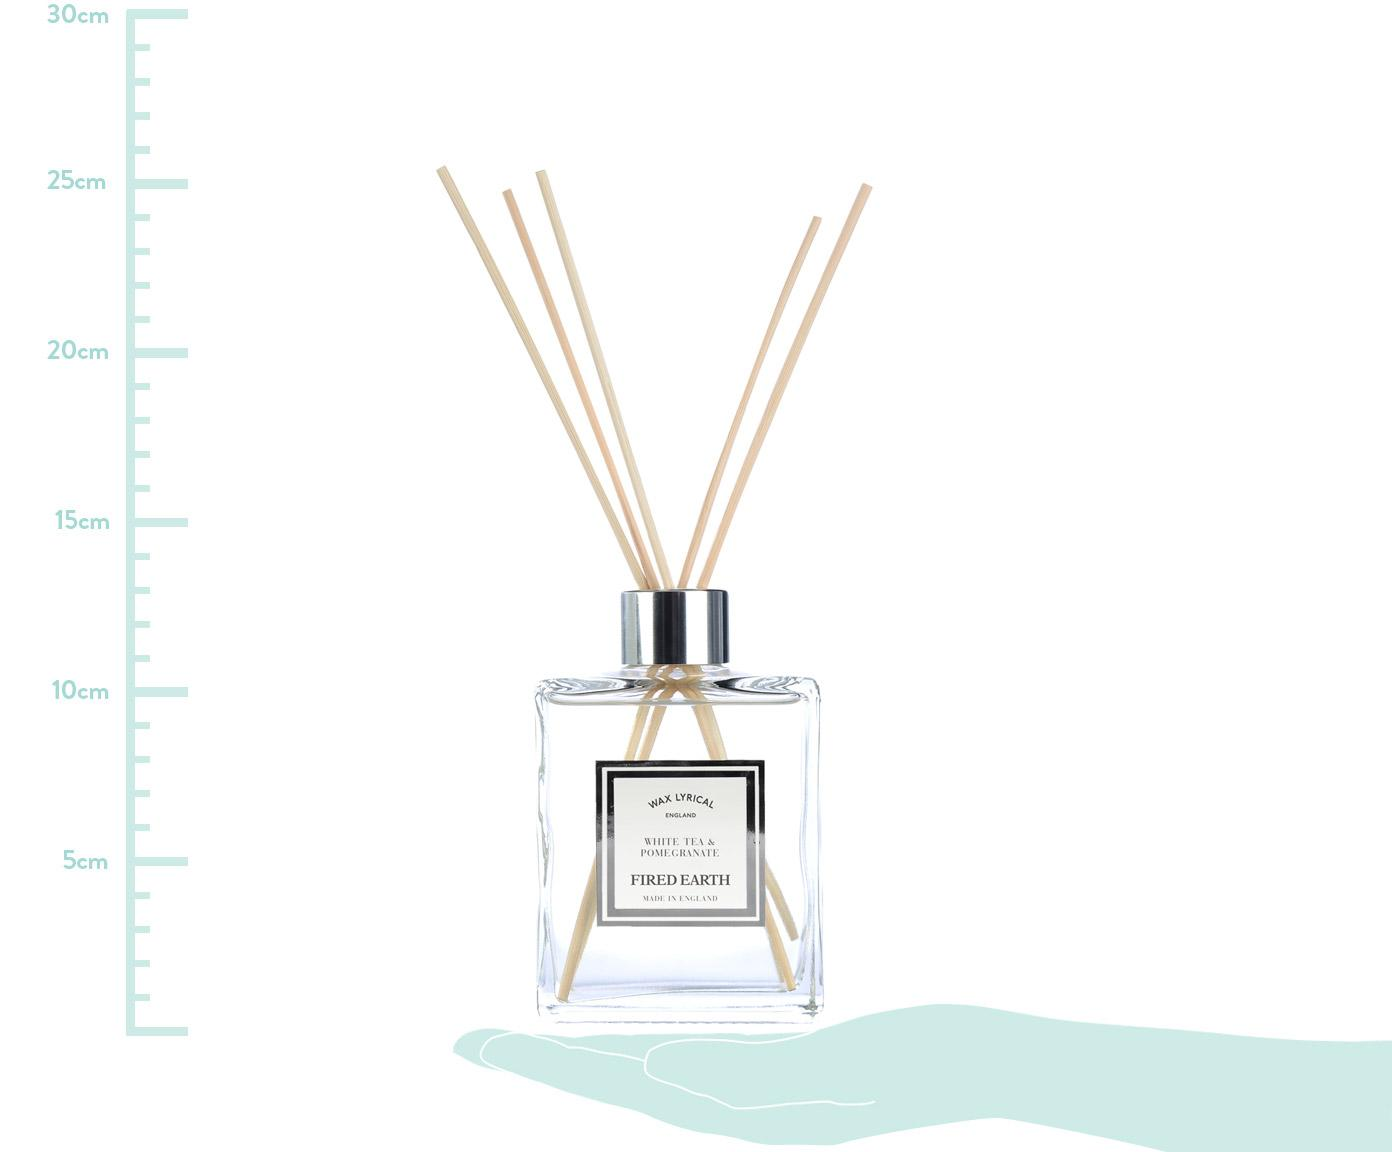 Dyfuzor zapachowy Fired Earth (biała herbata i granat), Transparentny, S 9 x W 25 cm